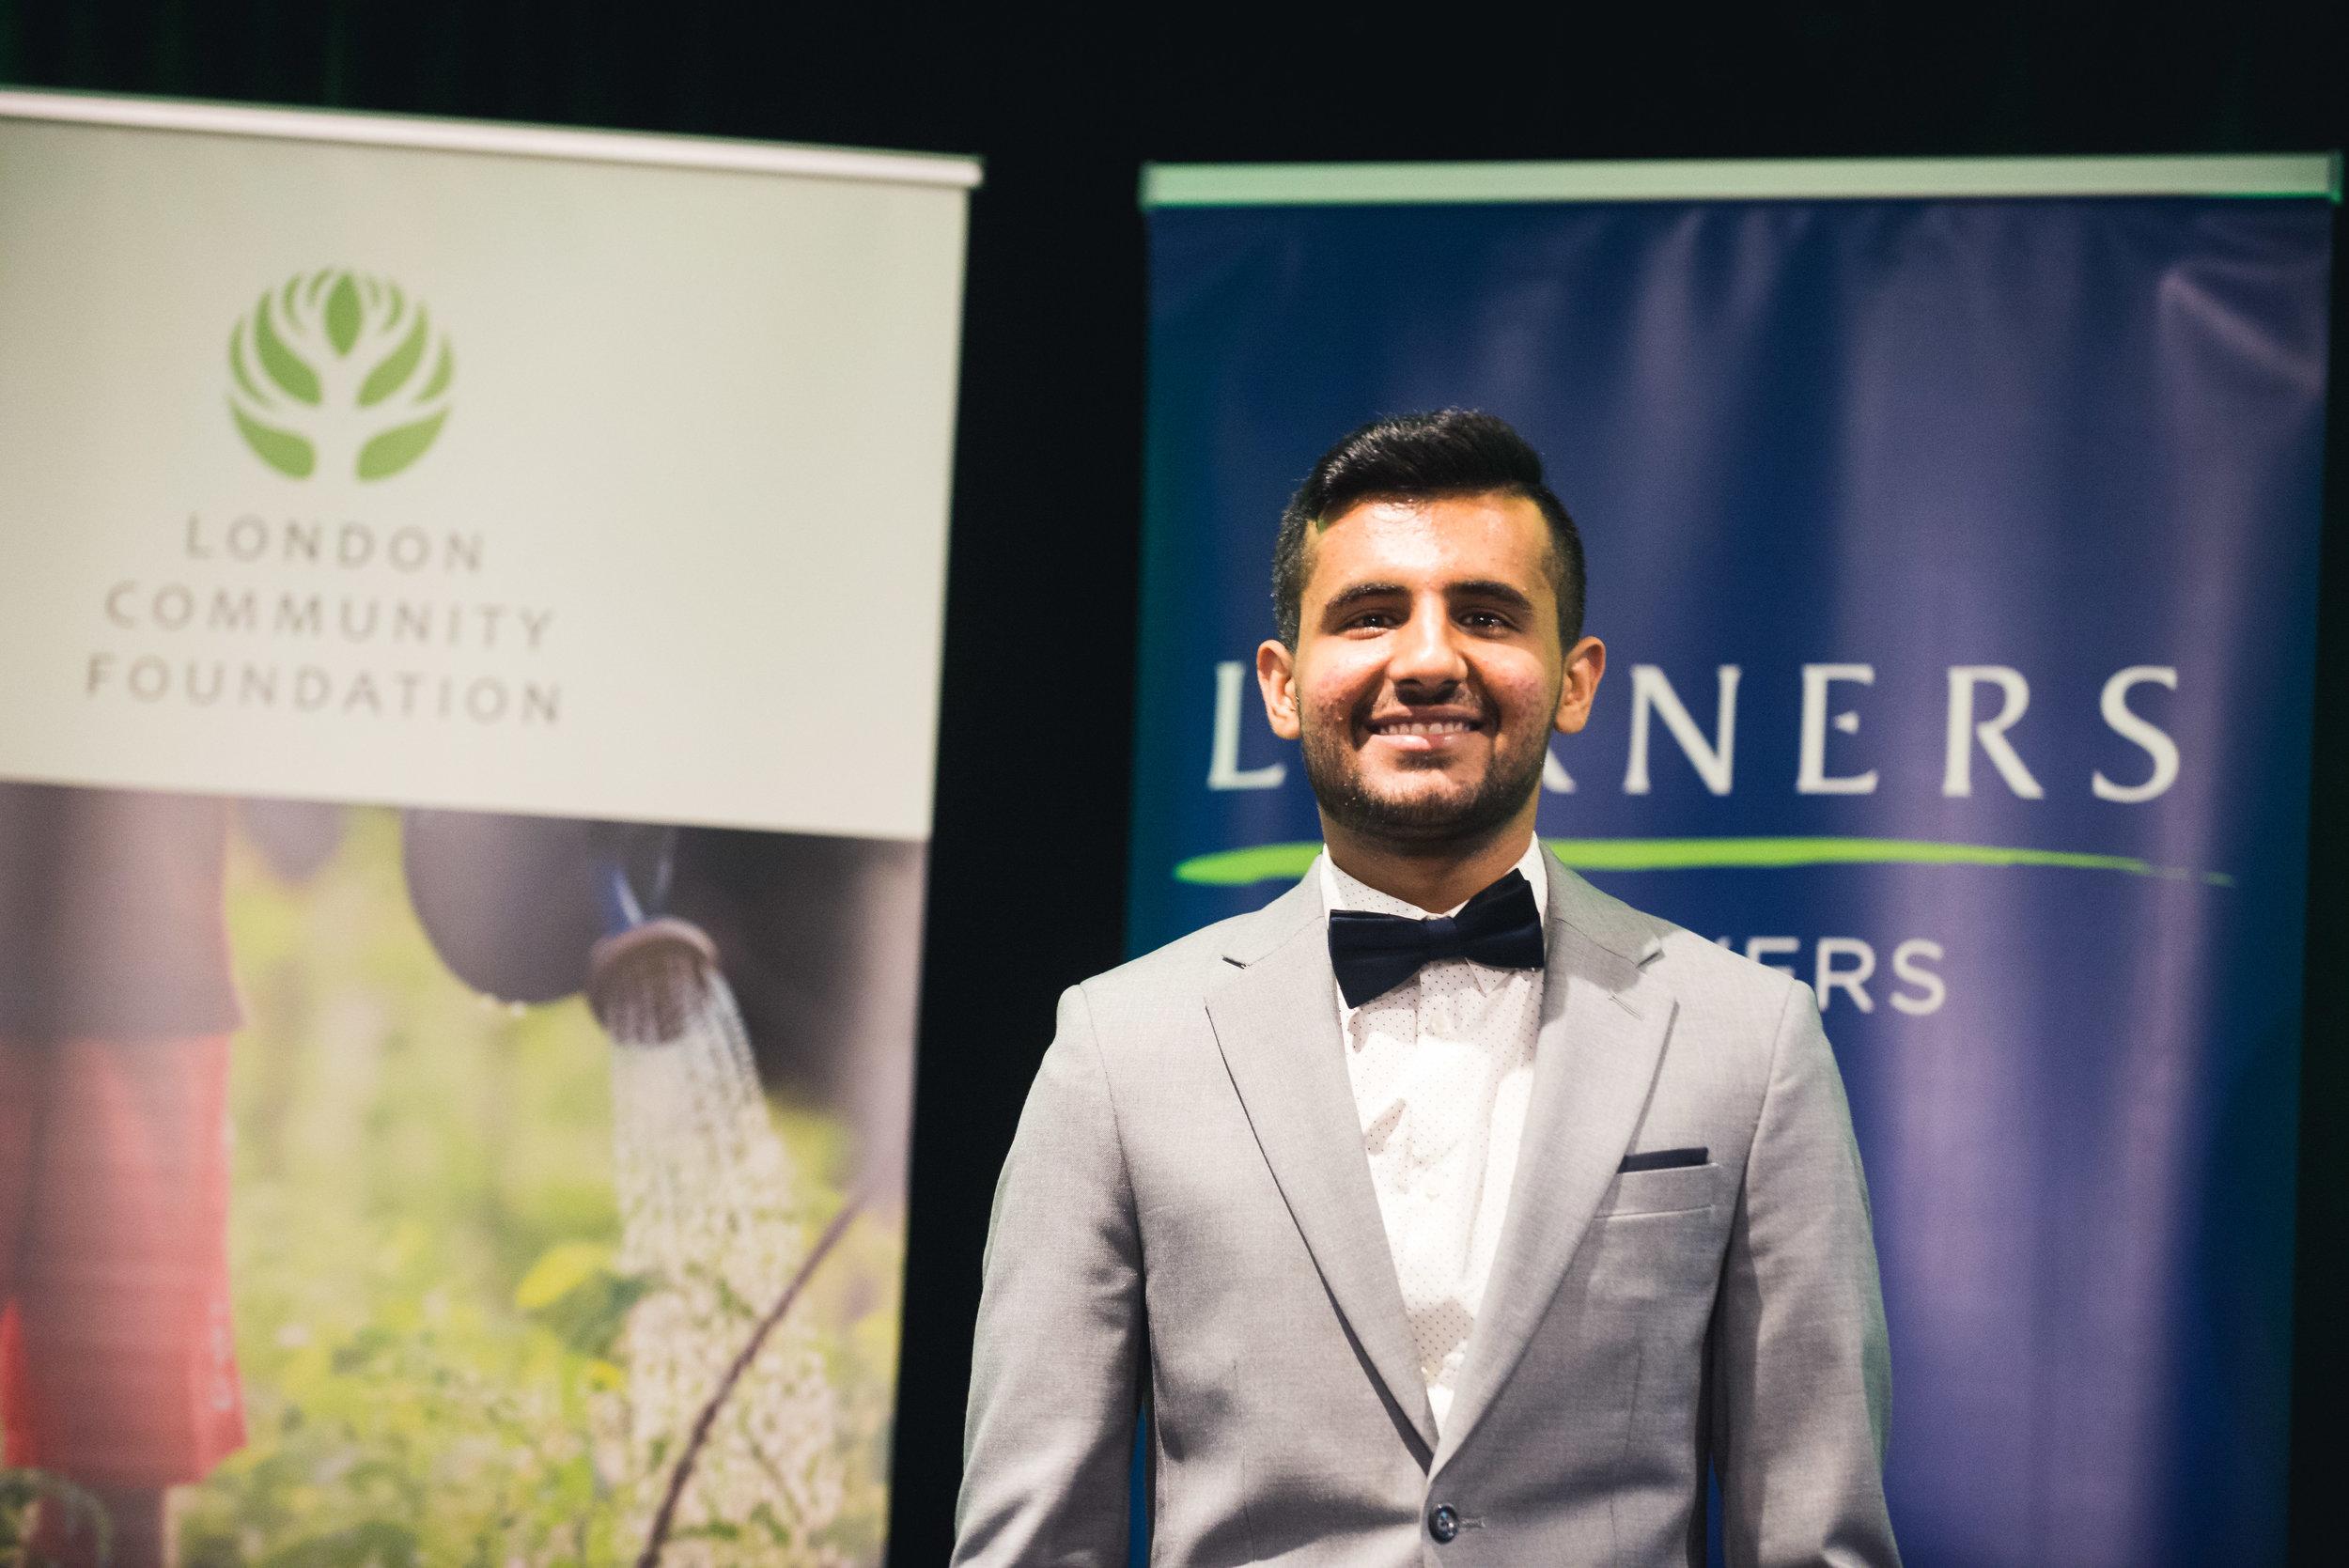 2018 honouree Ahmad Aljassem